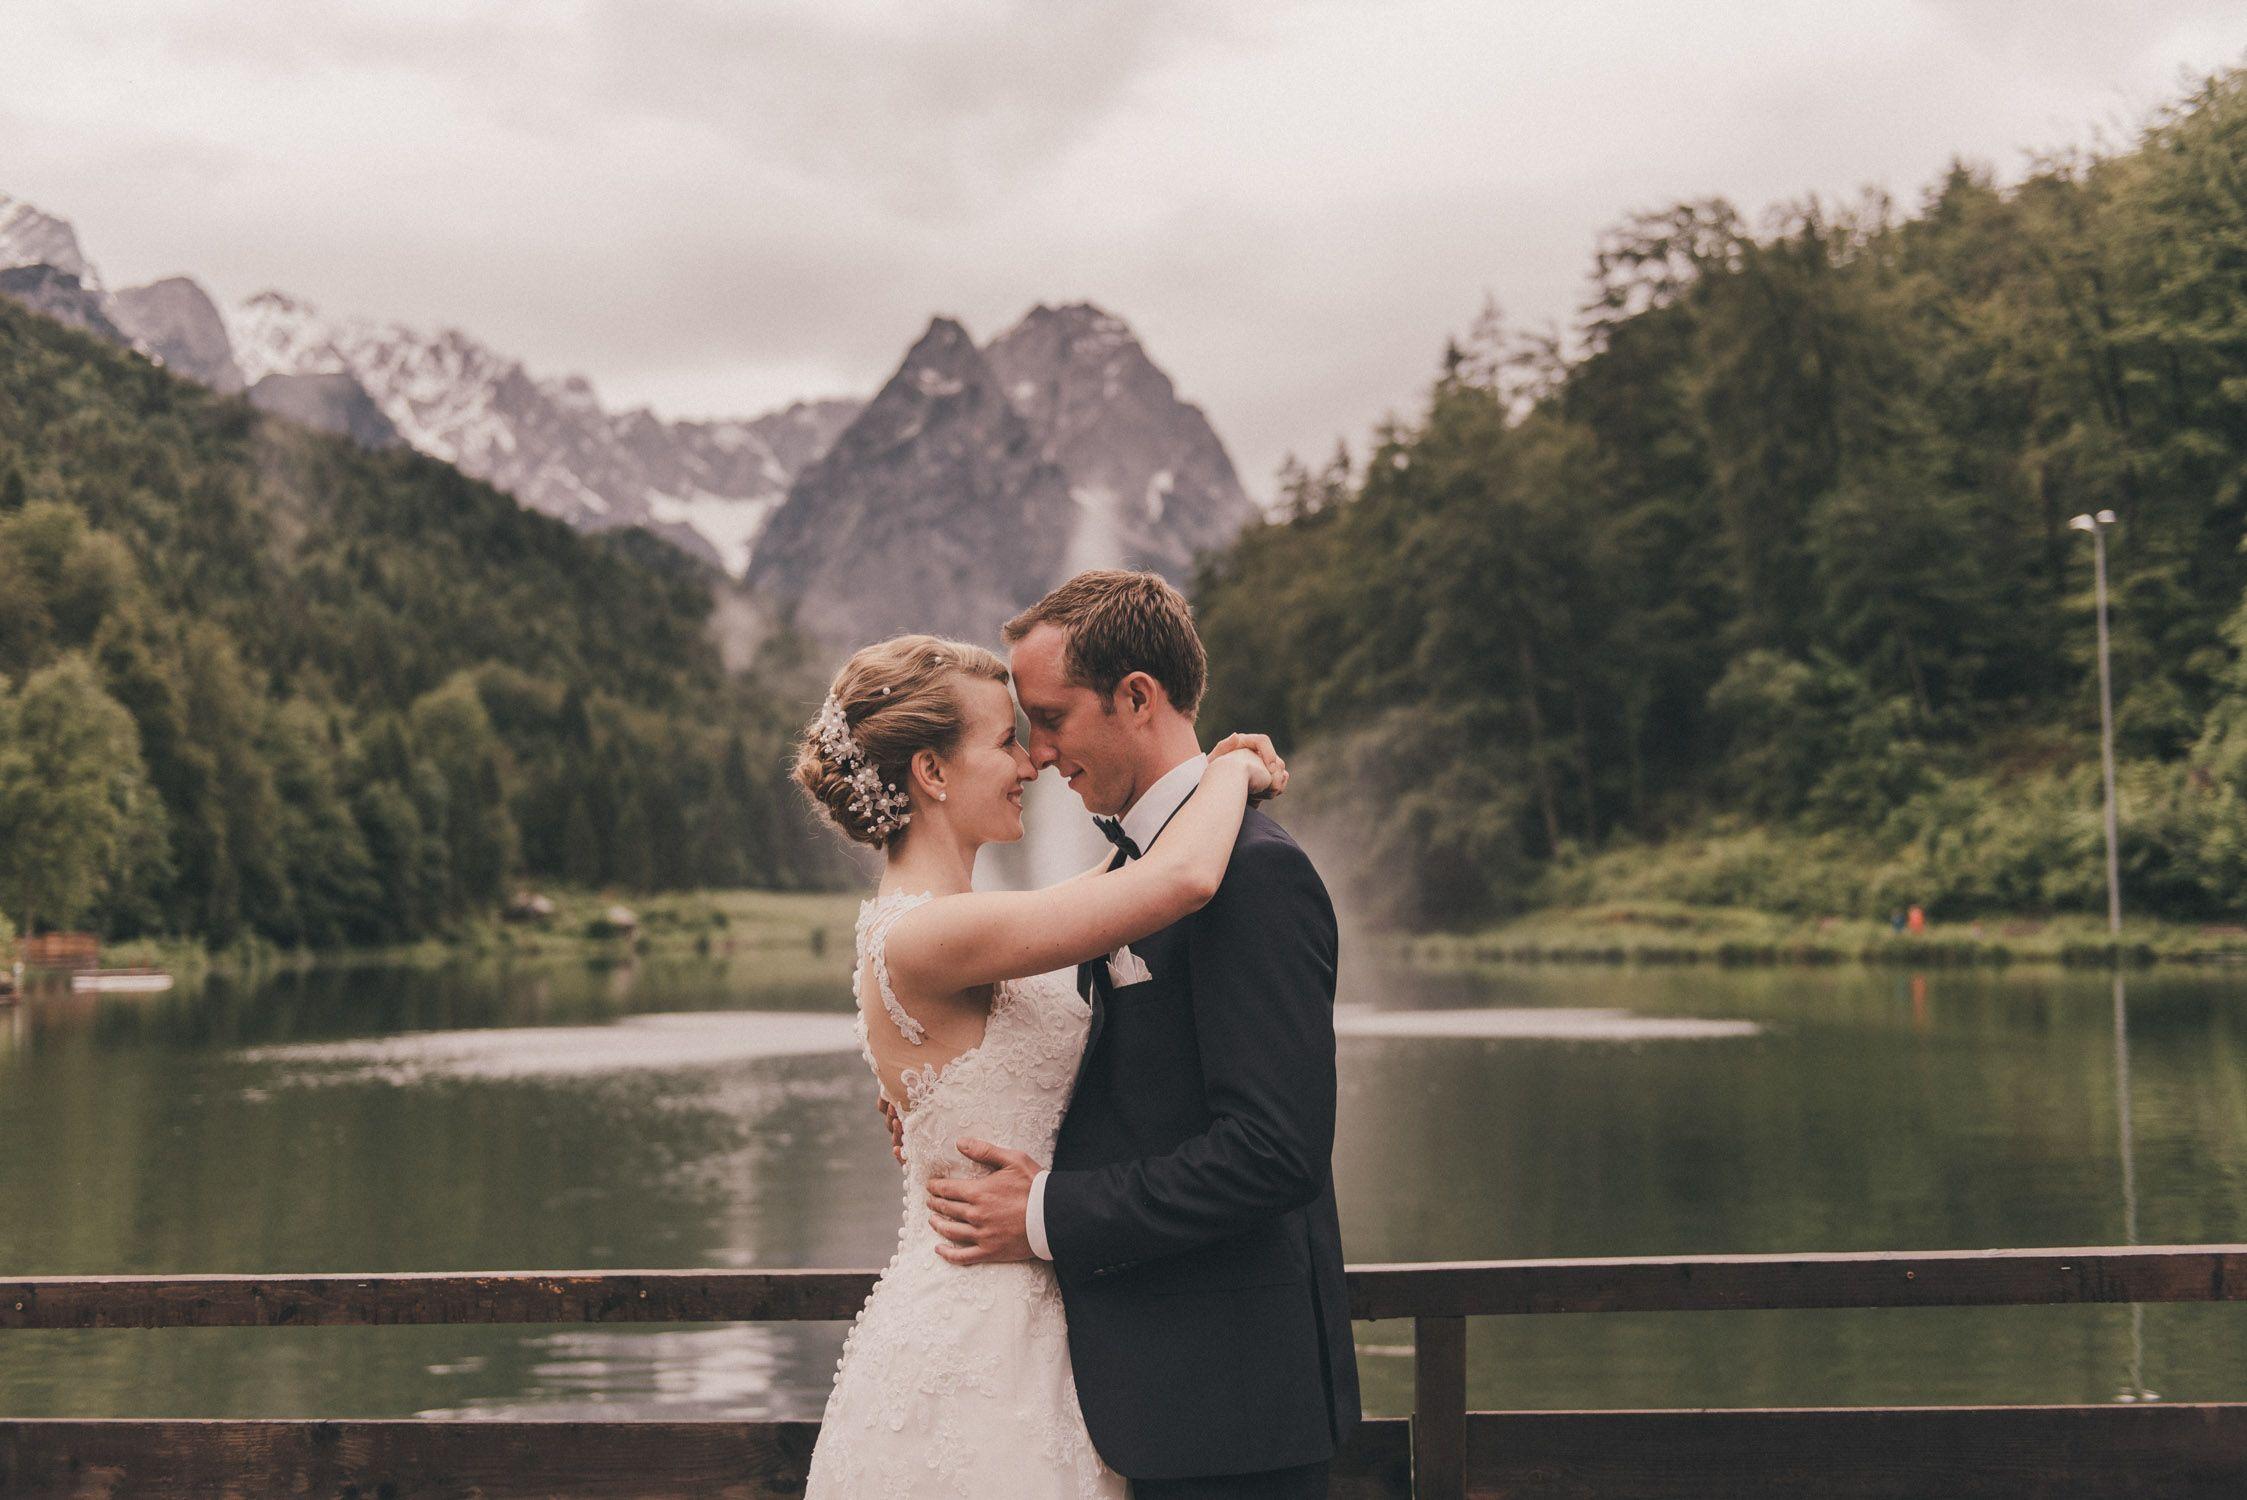 Hochzeit Lichtmadchen Fotografie Wedding Weddingpictures Hochzeit Heiraten Hochzeitsfotos Brautpaar Braut Braut Hochzeit Hochzeitsfotos Berghochzeit